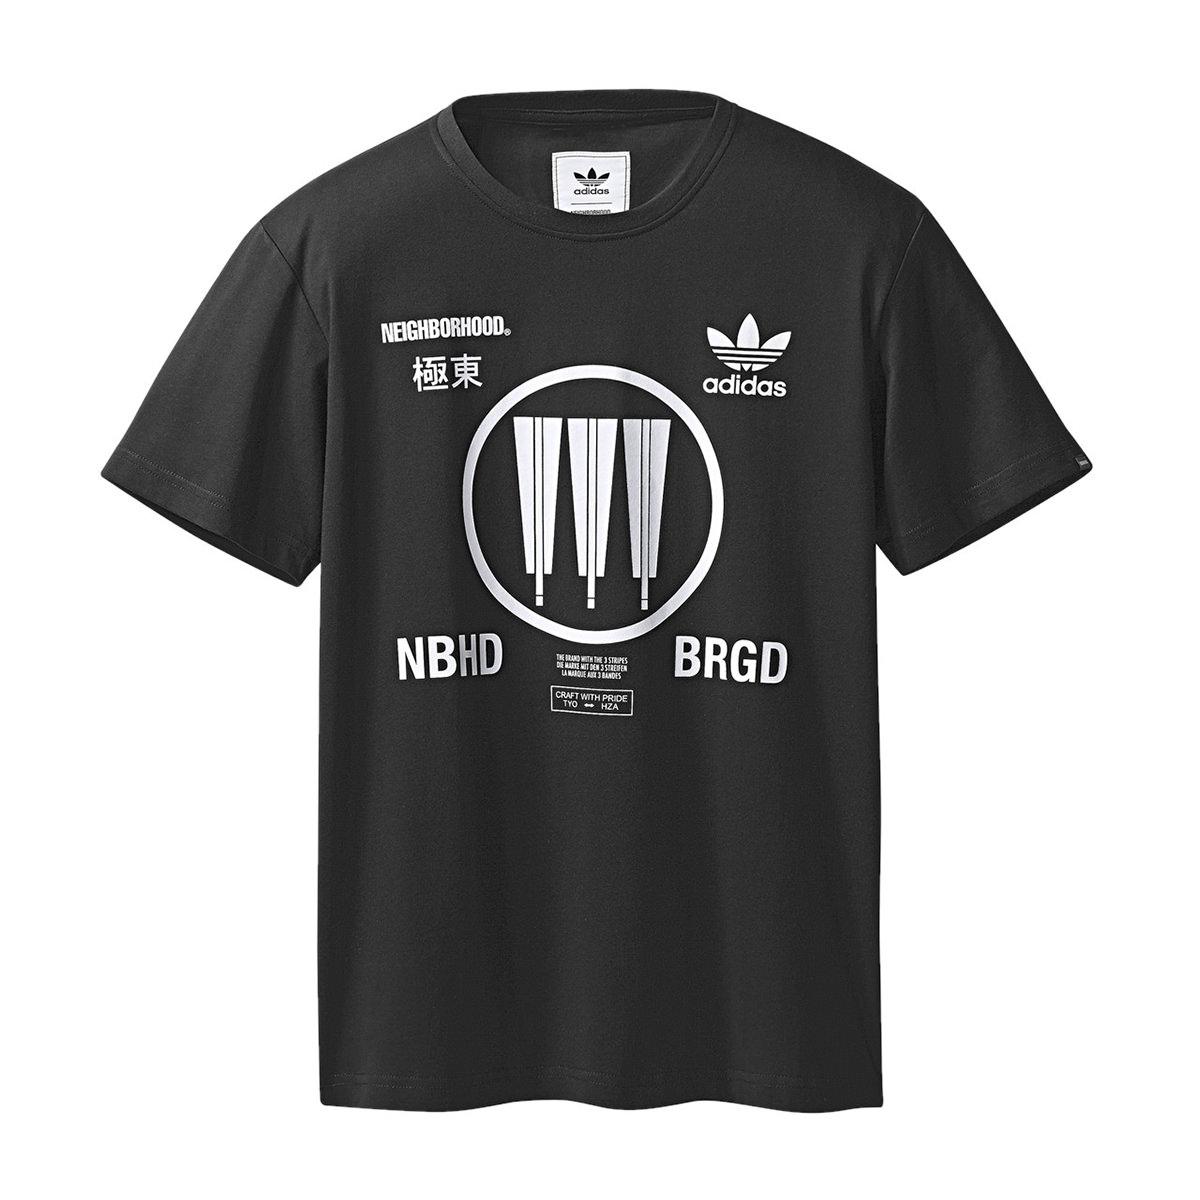 adidas X Neighborhood NBHD Logo T.